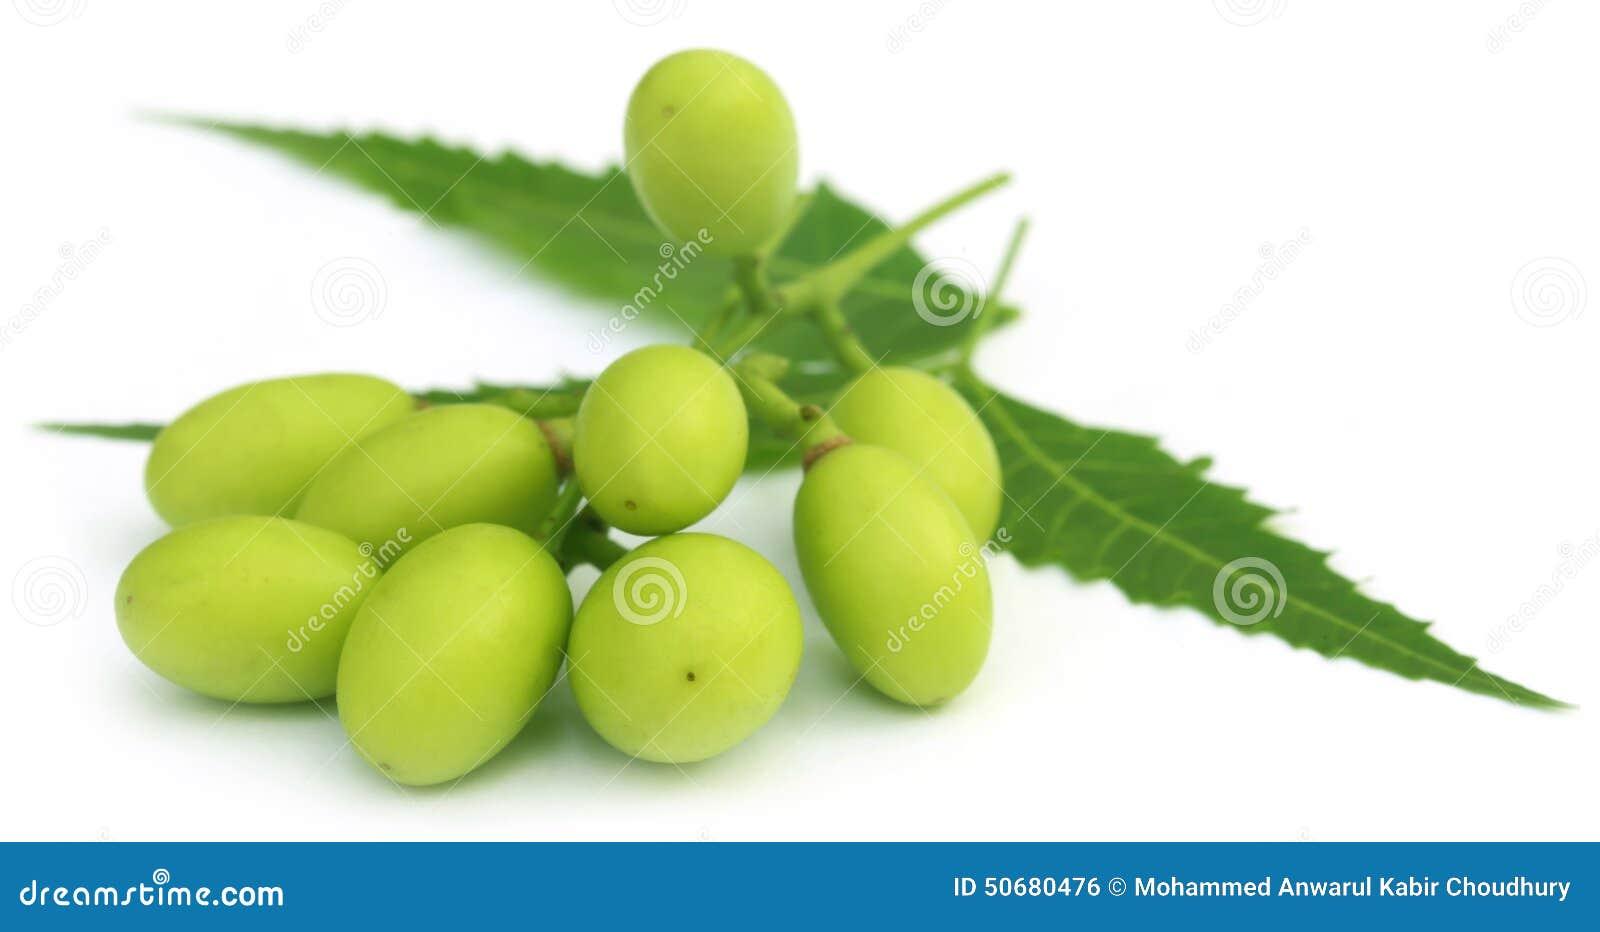 Download 与枝杈的医药neem果子 库存照片. 图片 包括有 果子, 新鲜, 属性, 草本, 空白, 愈合, 枝杈 - 50680476